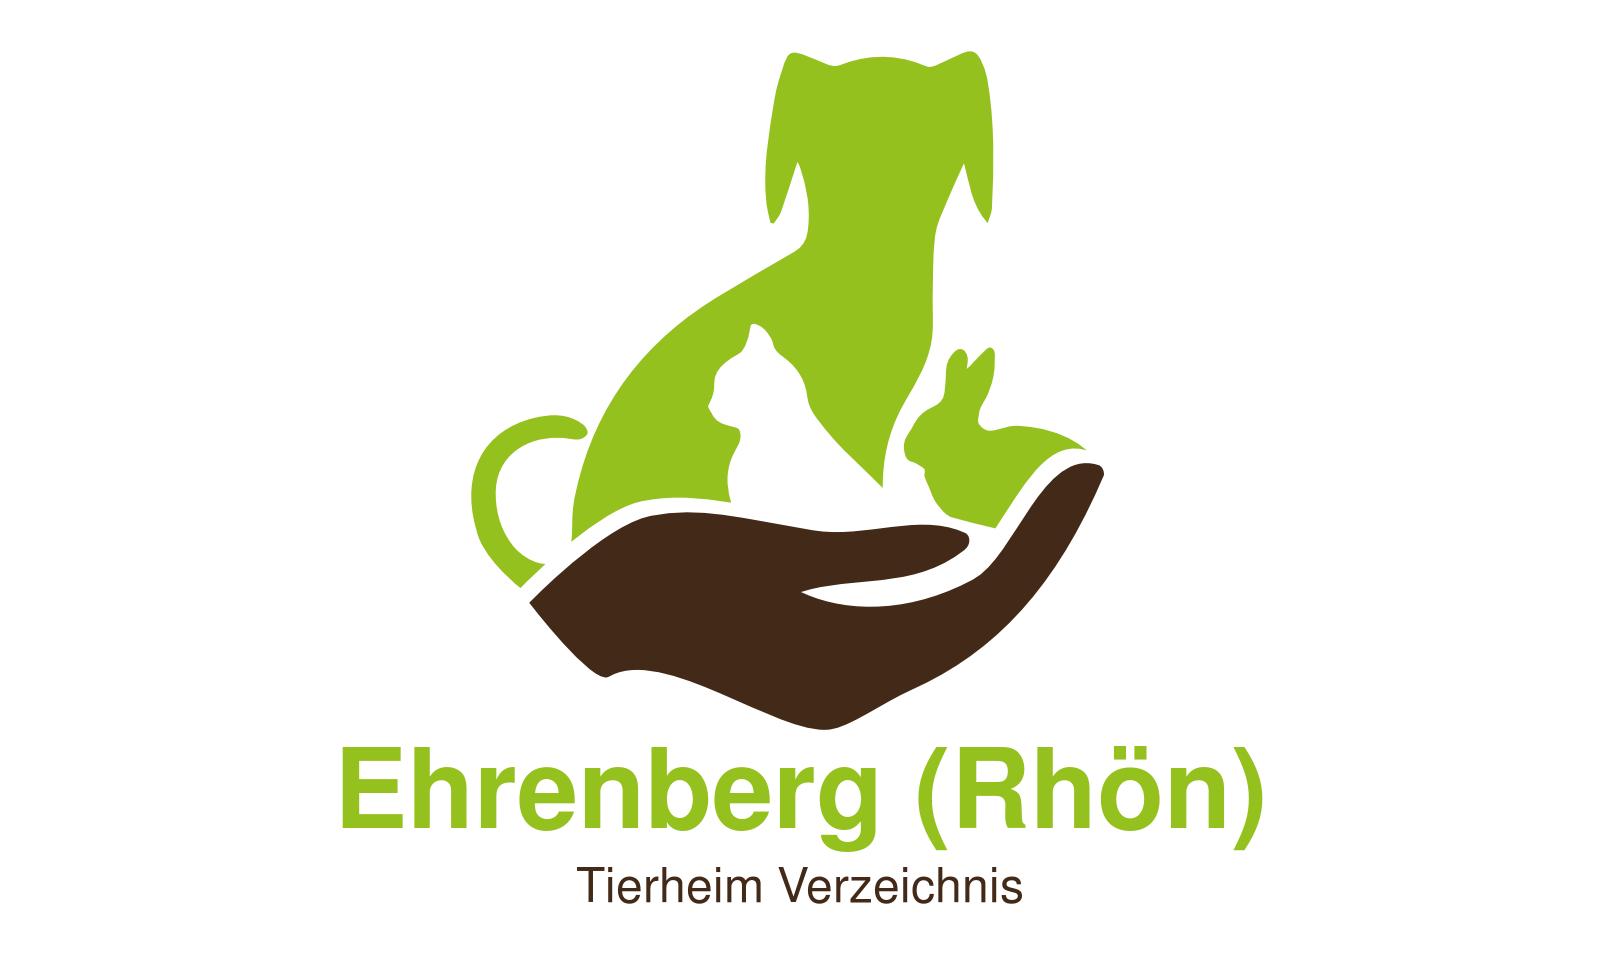 Tierheim Ehrenberg (Rhön)